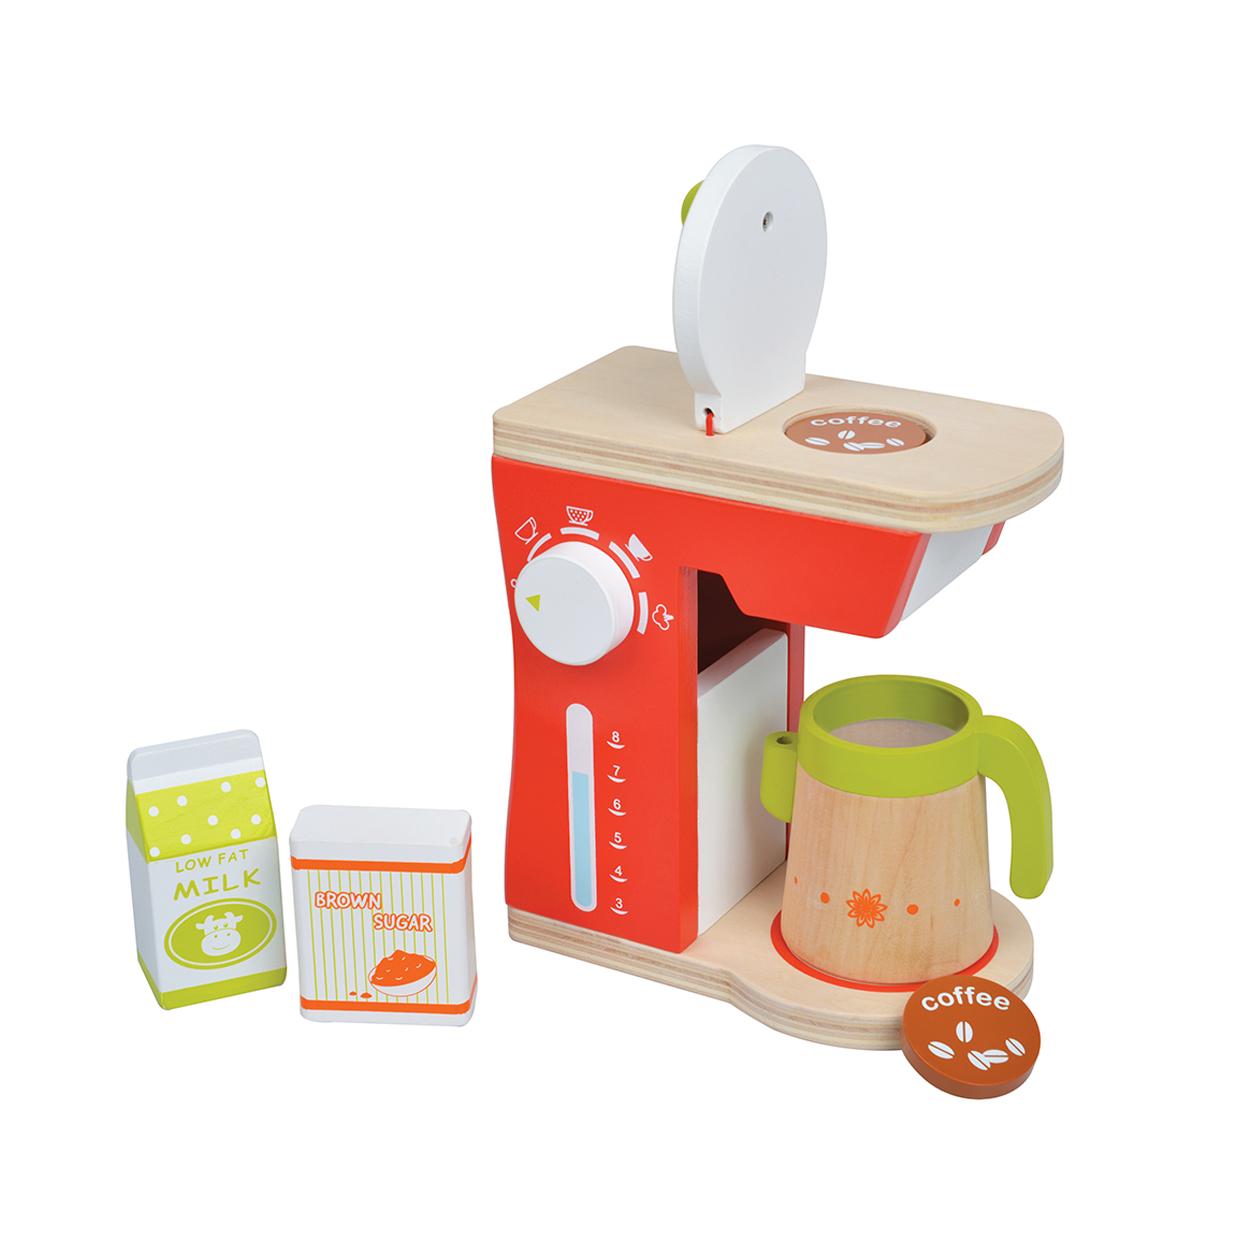 дървена играчка-кафе машина-аксесоар за детска дървена кухня(1)-bellamie